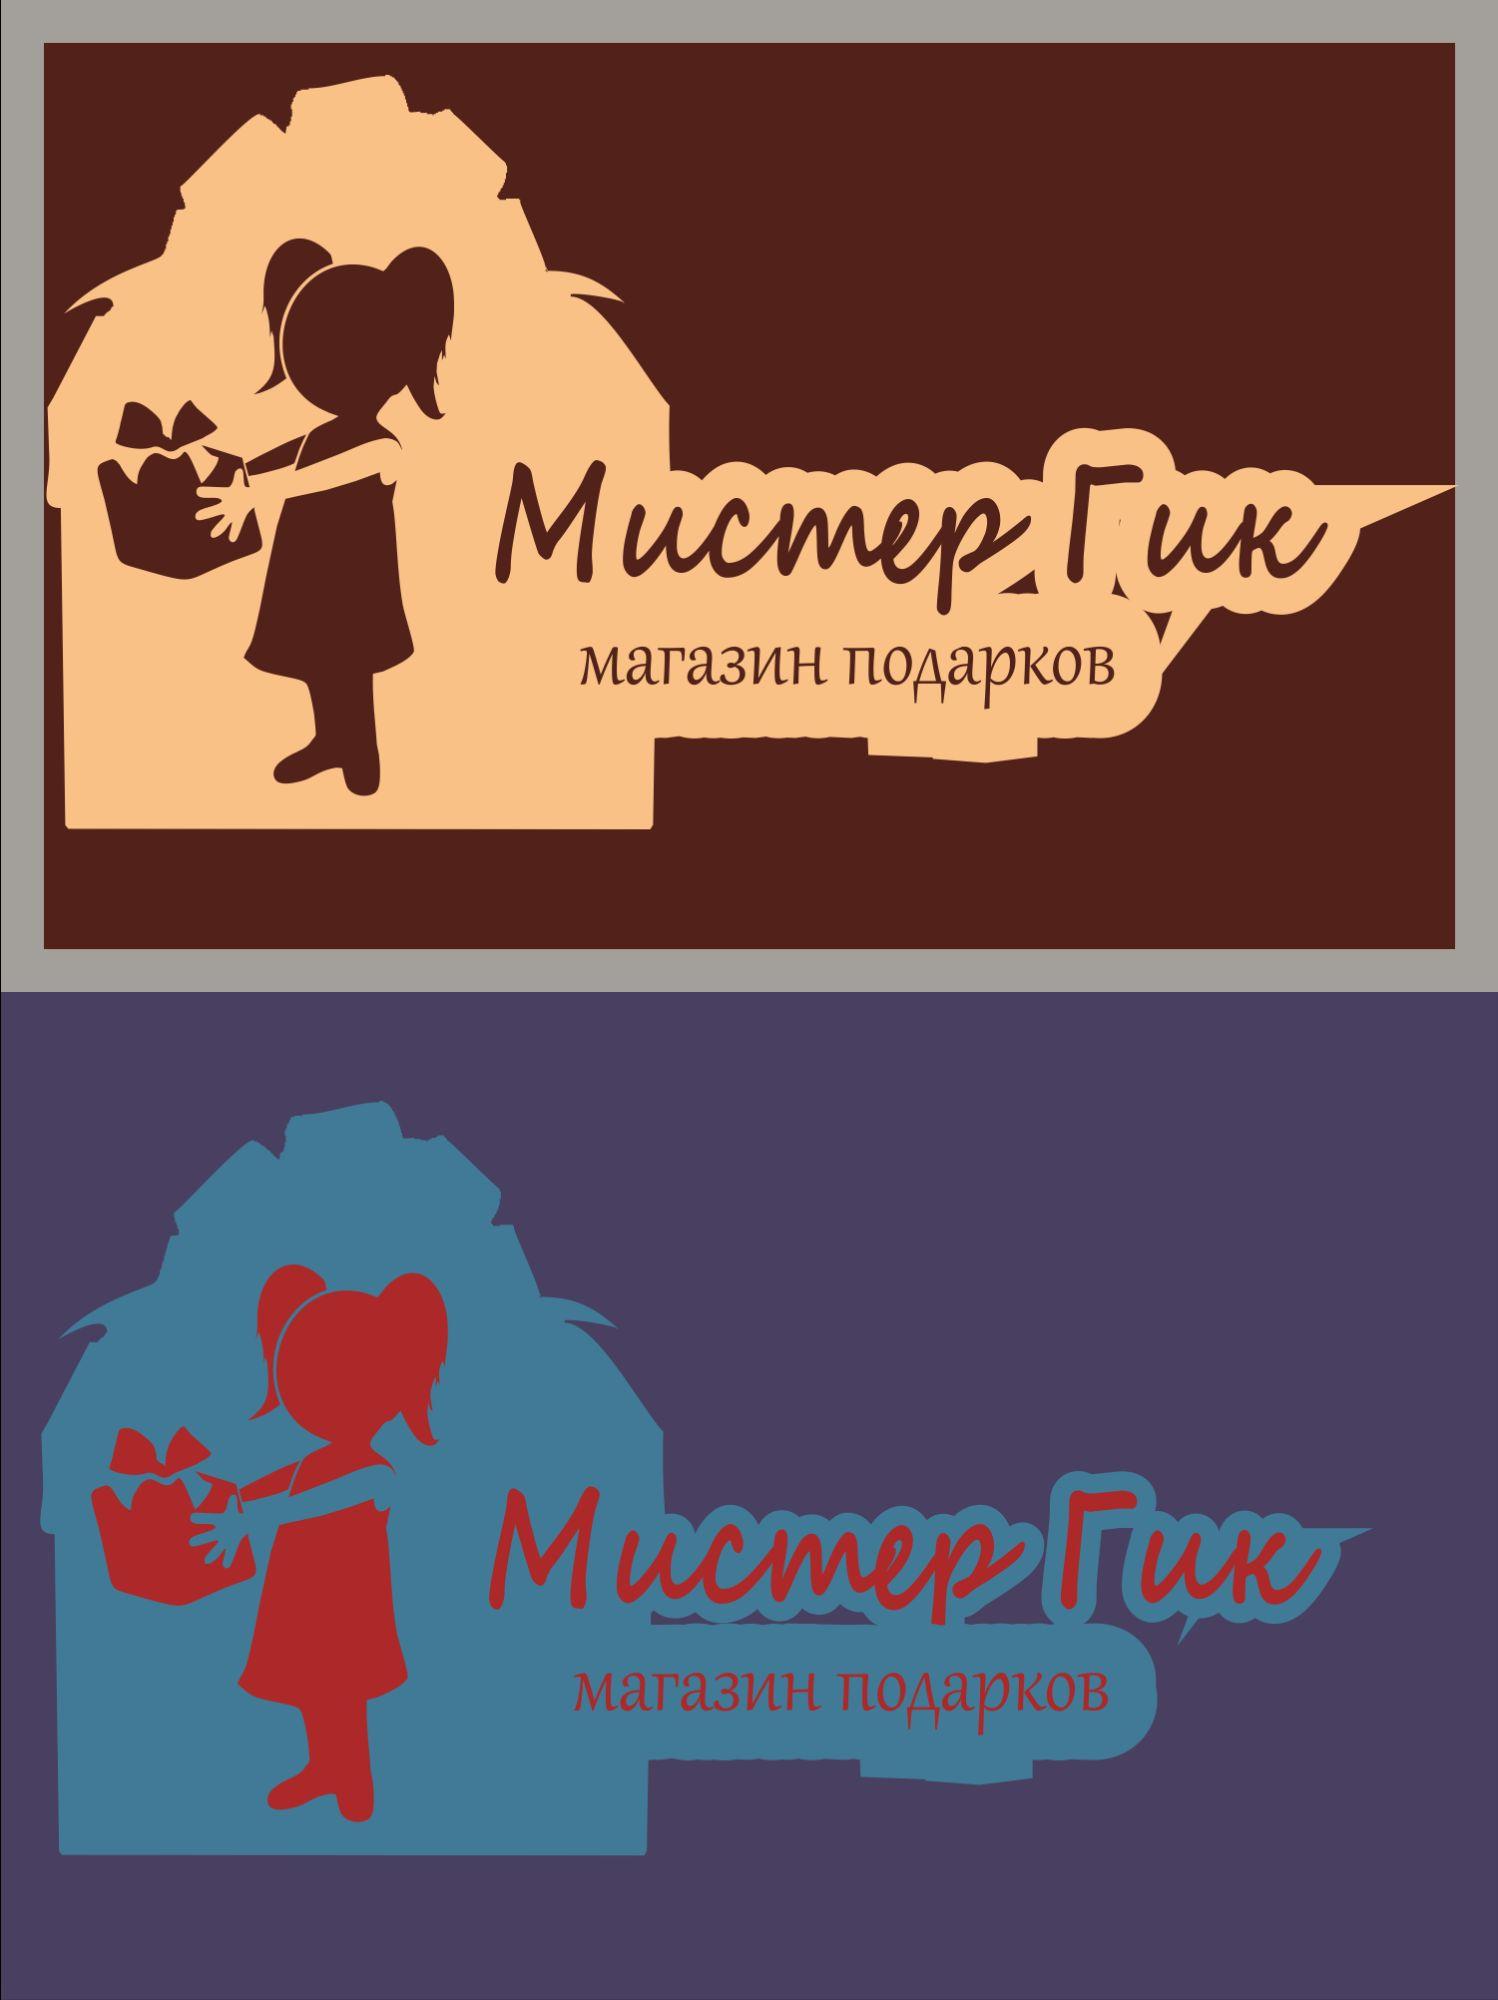 Логотип для магазина подарков - дизайнер Nicko007